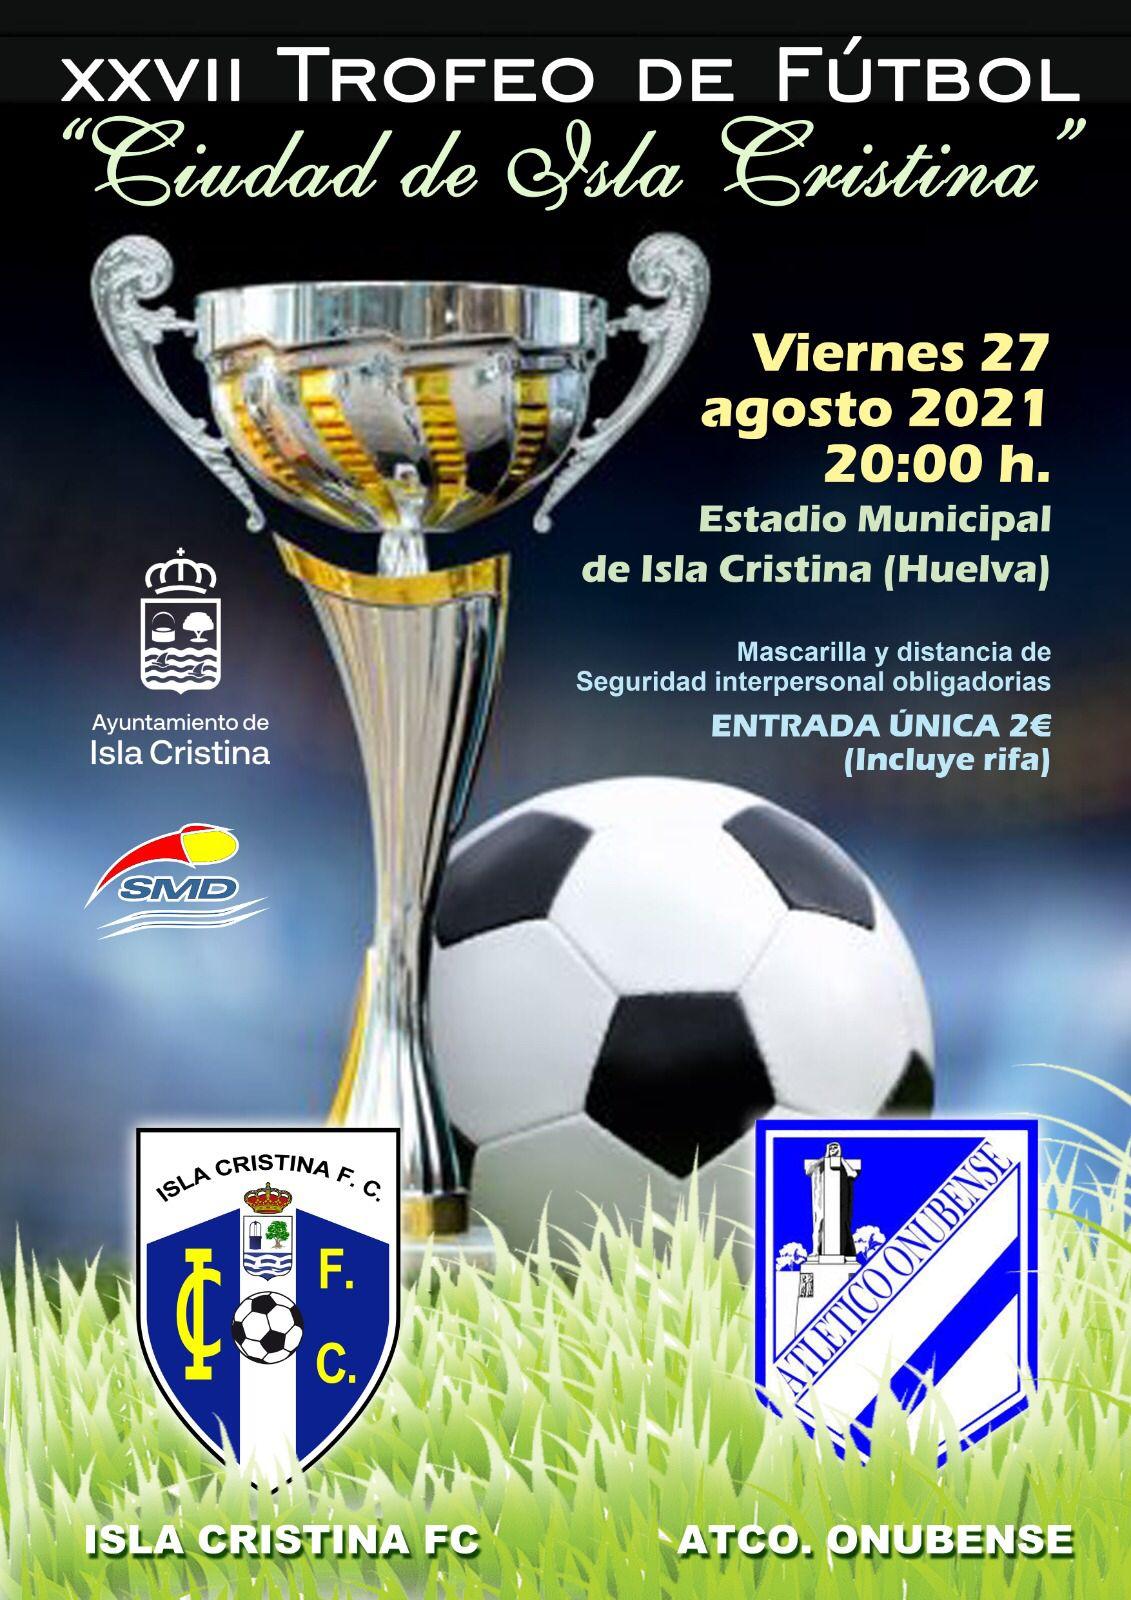 El Isla Cristina jugará su Trofeo ante el Atlético Onubense